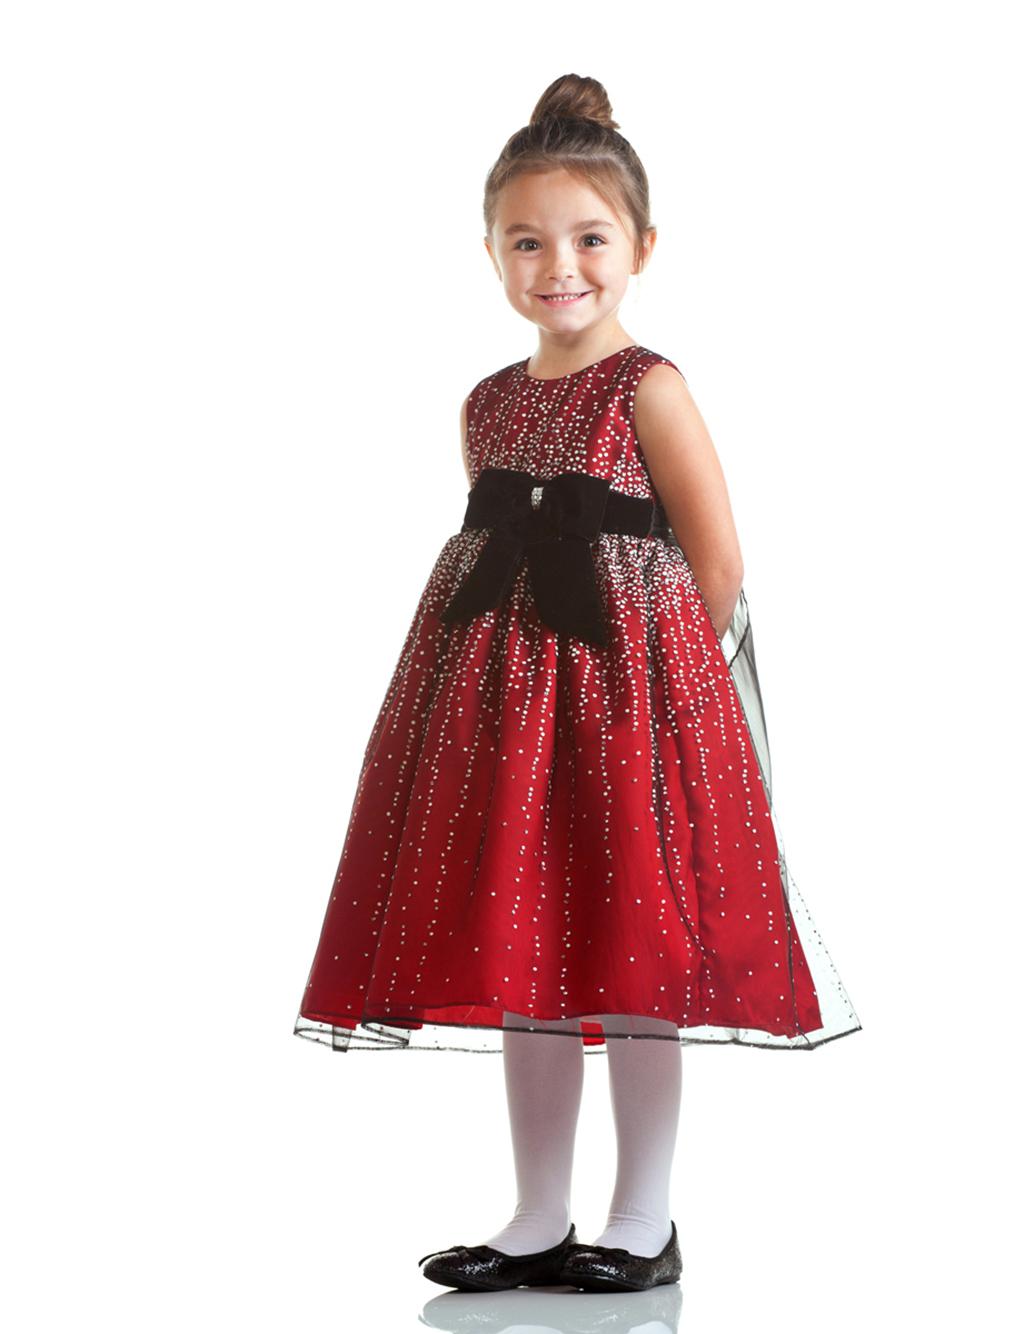 Olivia-Sparkle-Red-Flower-Girl-Dress-with-Velvet-Bow-Sash-for-Girls Red Dress for Little Girls